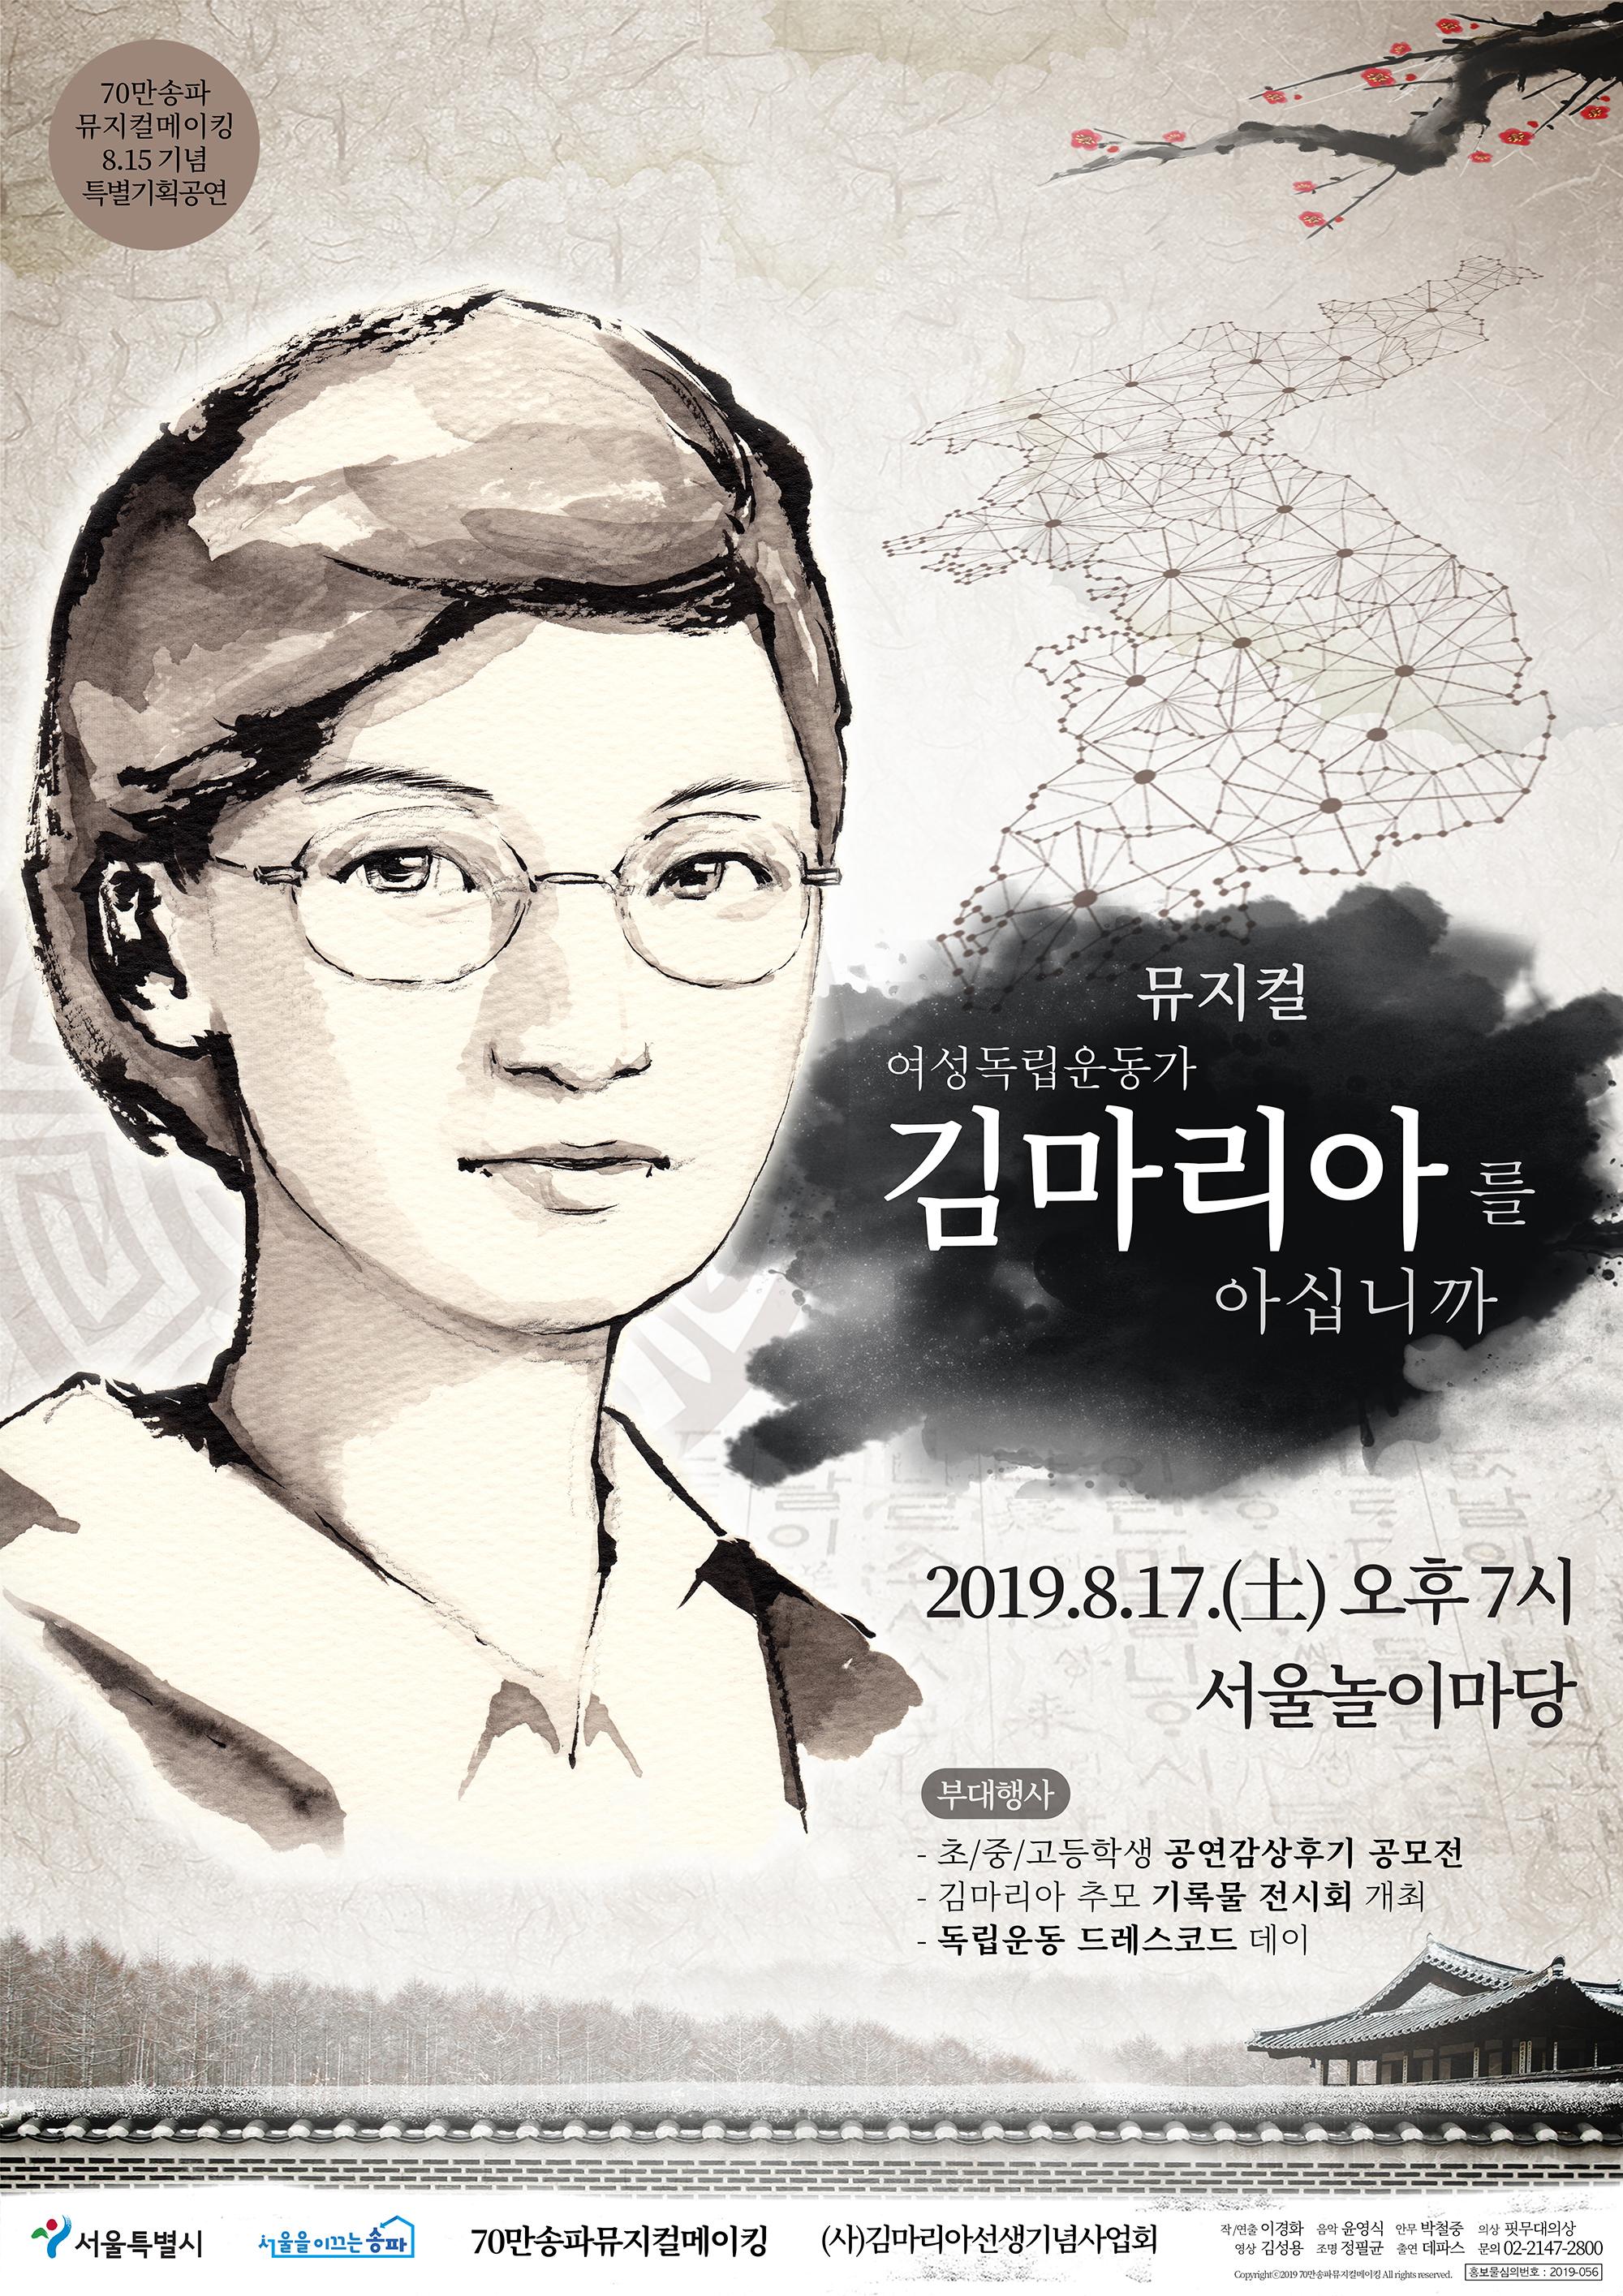 송파구, 뮤지컬로 여성독립운동가 재조명